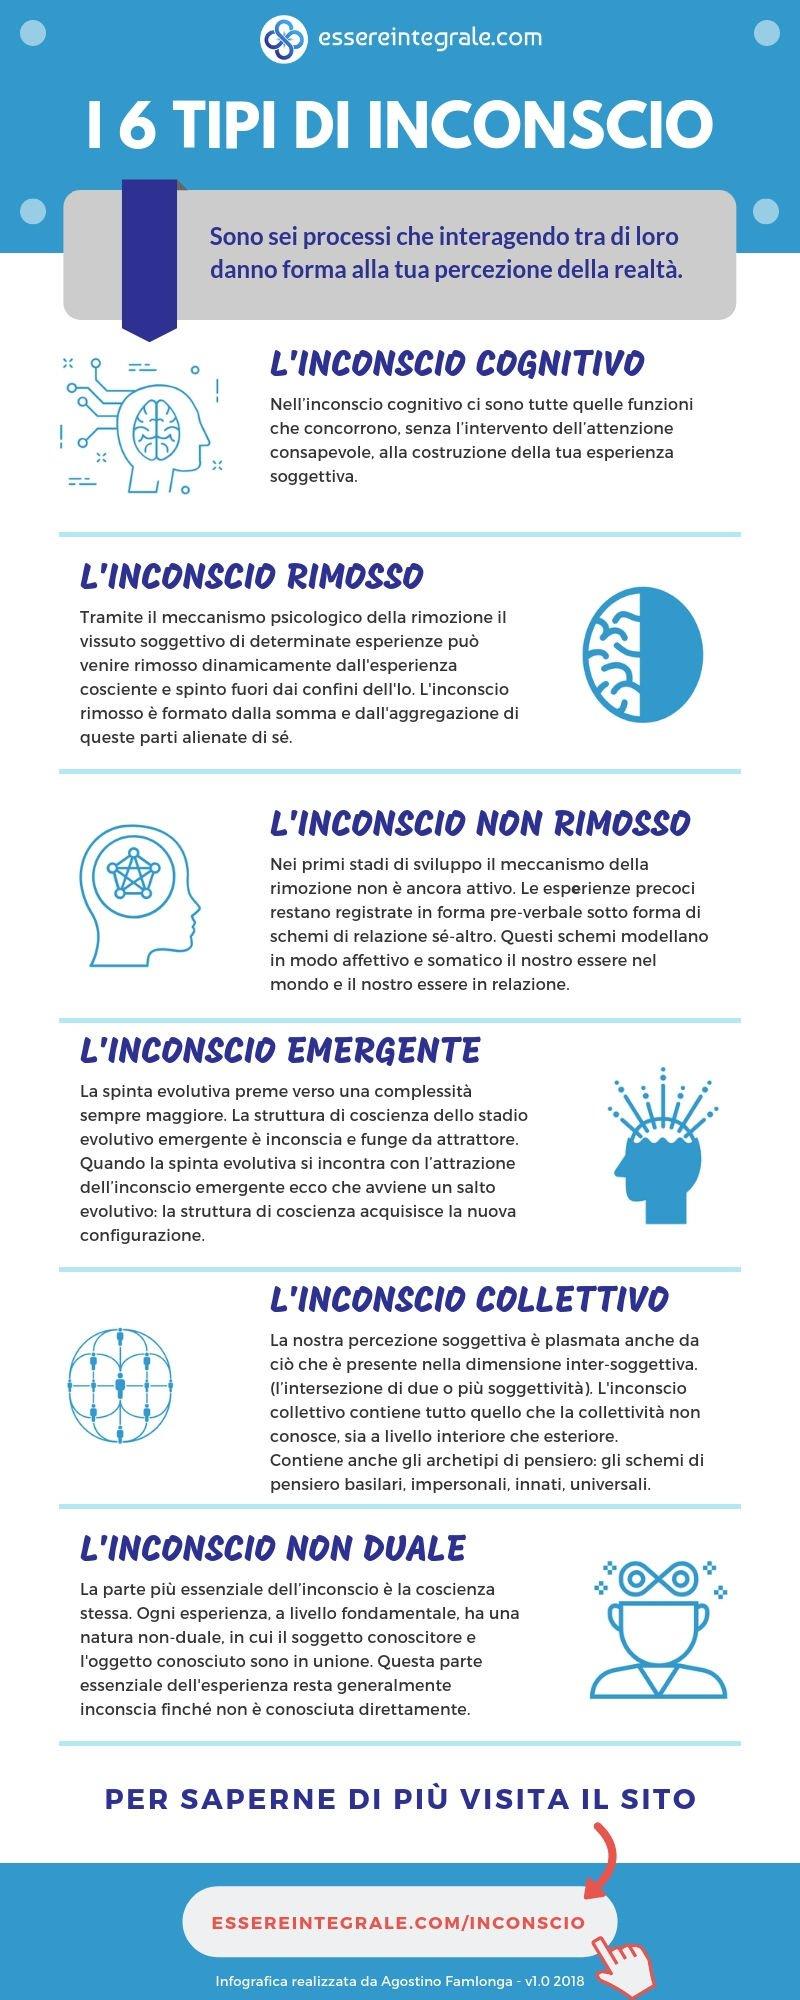 I 6 tipi di inconscio - Infografica